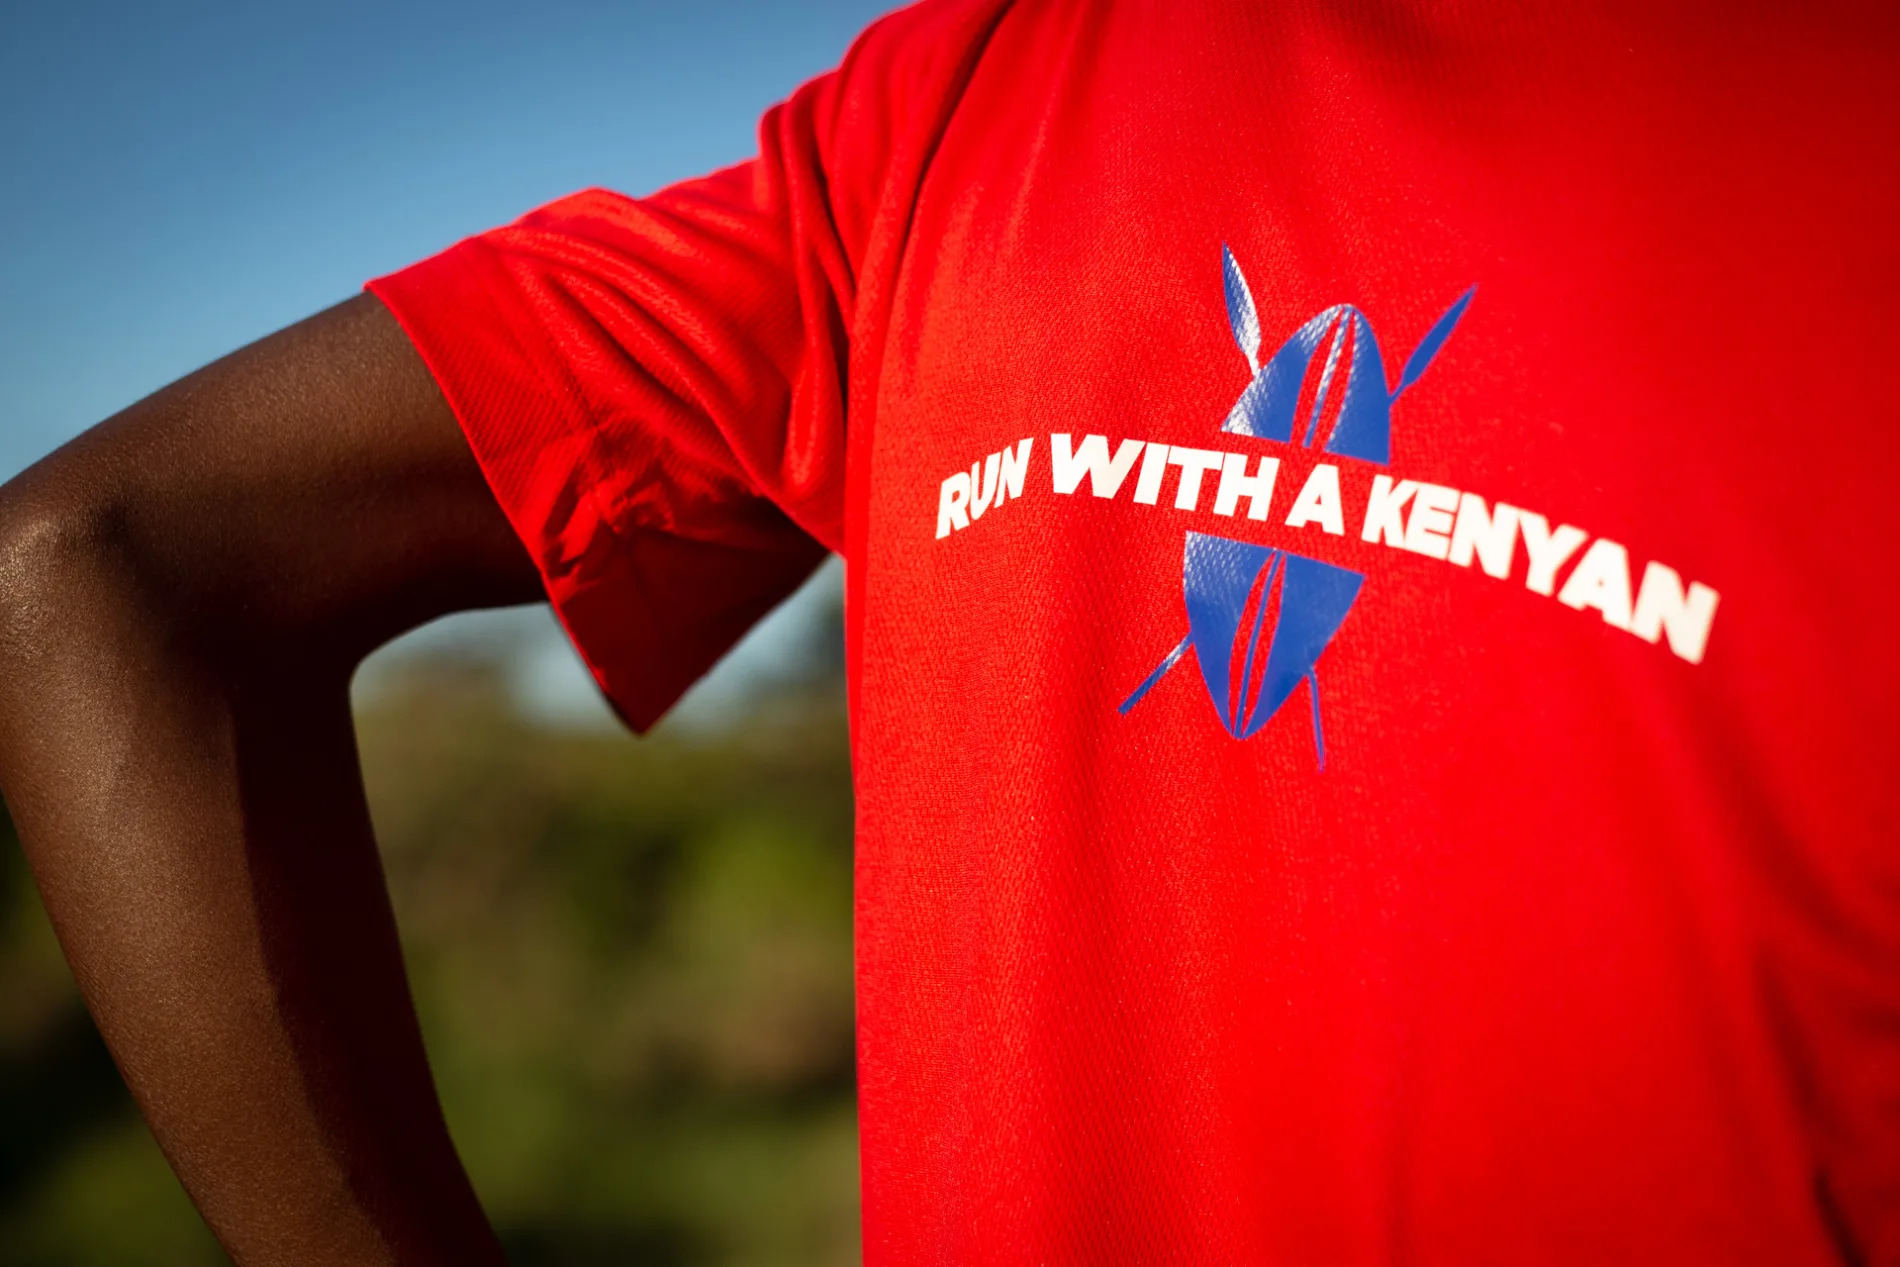 Run with a Kenyan